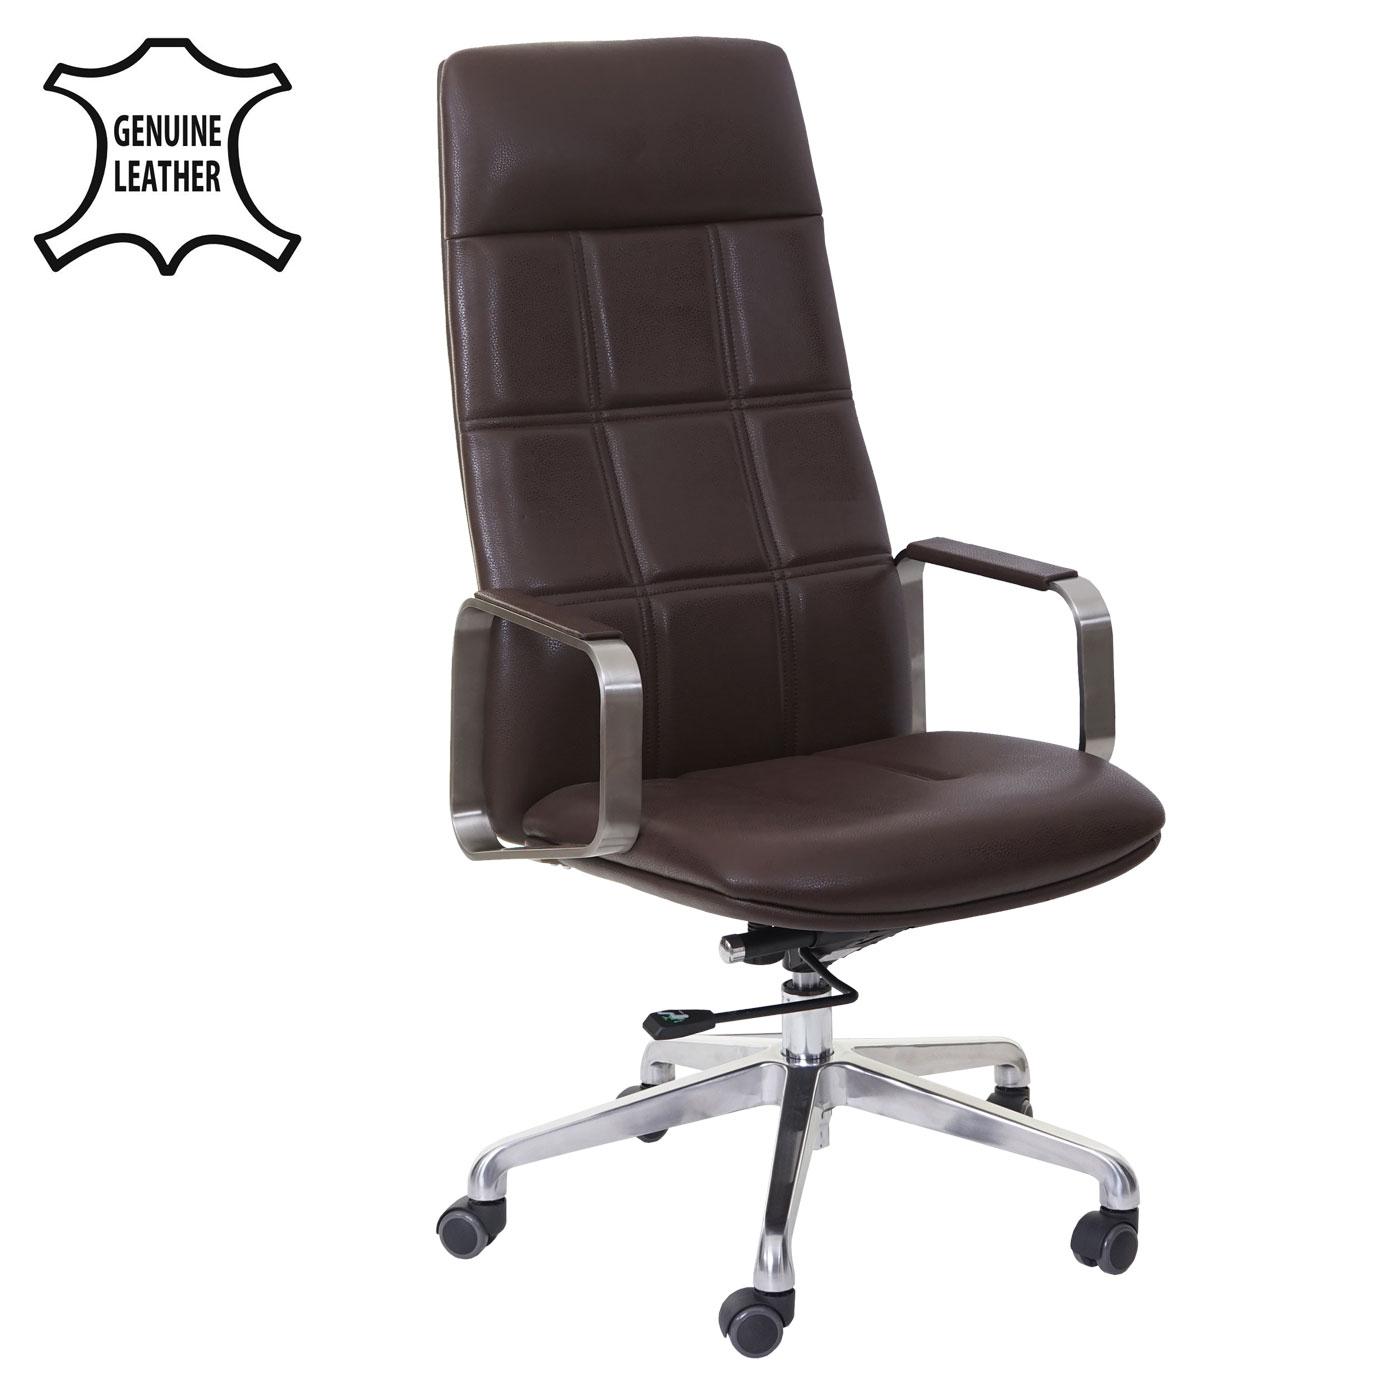 b rostuhl hwc a57 schreibtischstuhl drehstuhl voll leder kunstleder edelstahl iso9001 braun. Black Bedroom Furniture Sets. Home Design Ideas